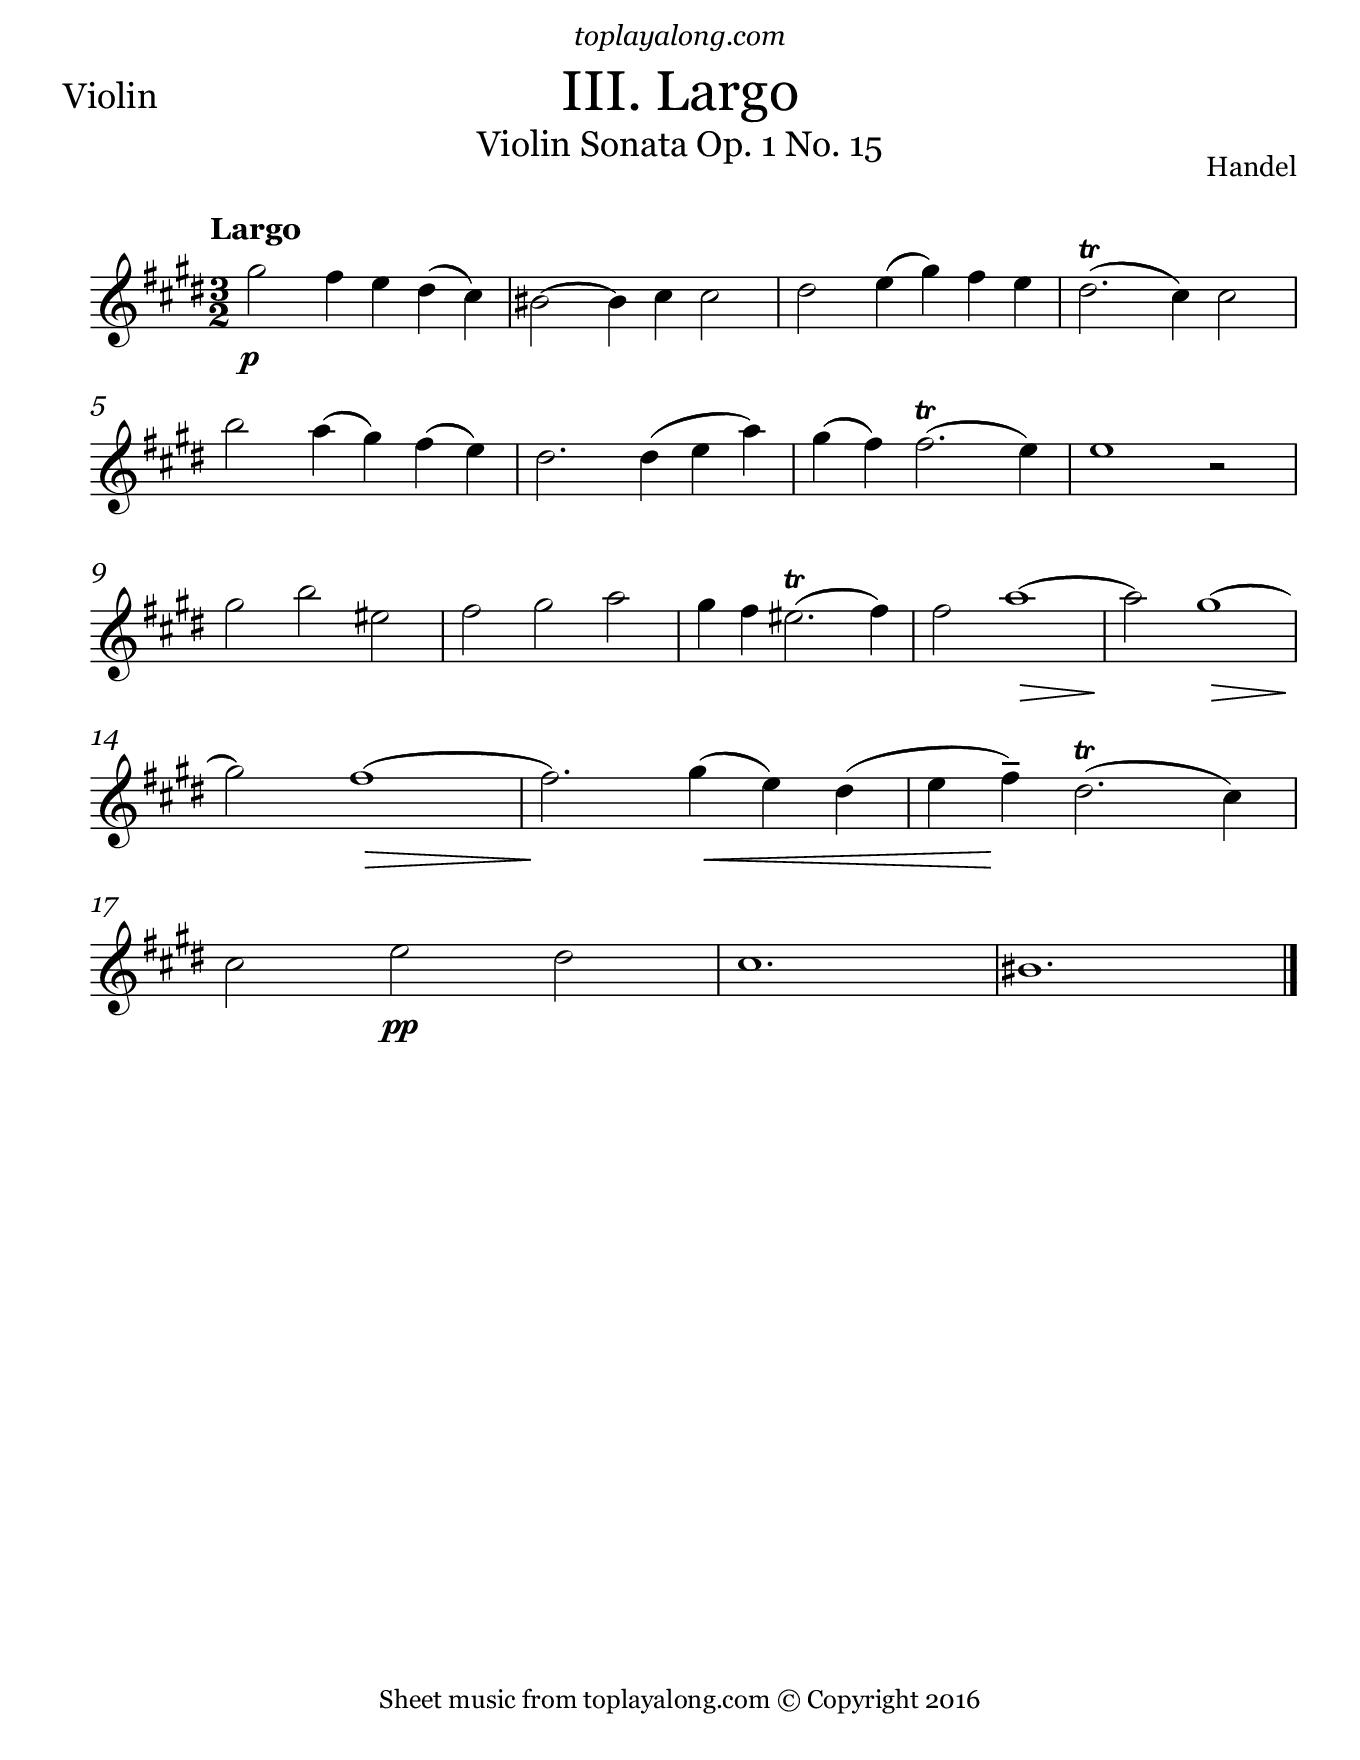 Violin Sonata Op. 1 No. 15 (III. Largo) by Handel. Sheet music for Violin, page 1.